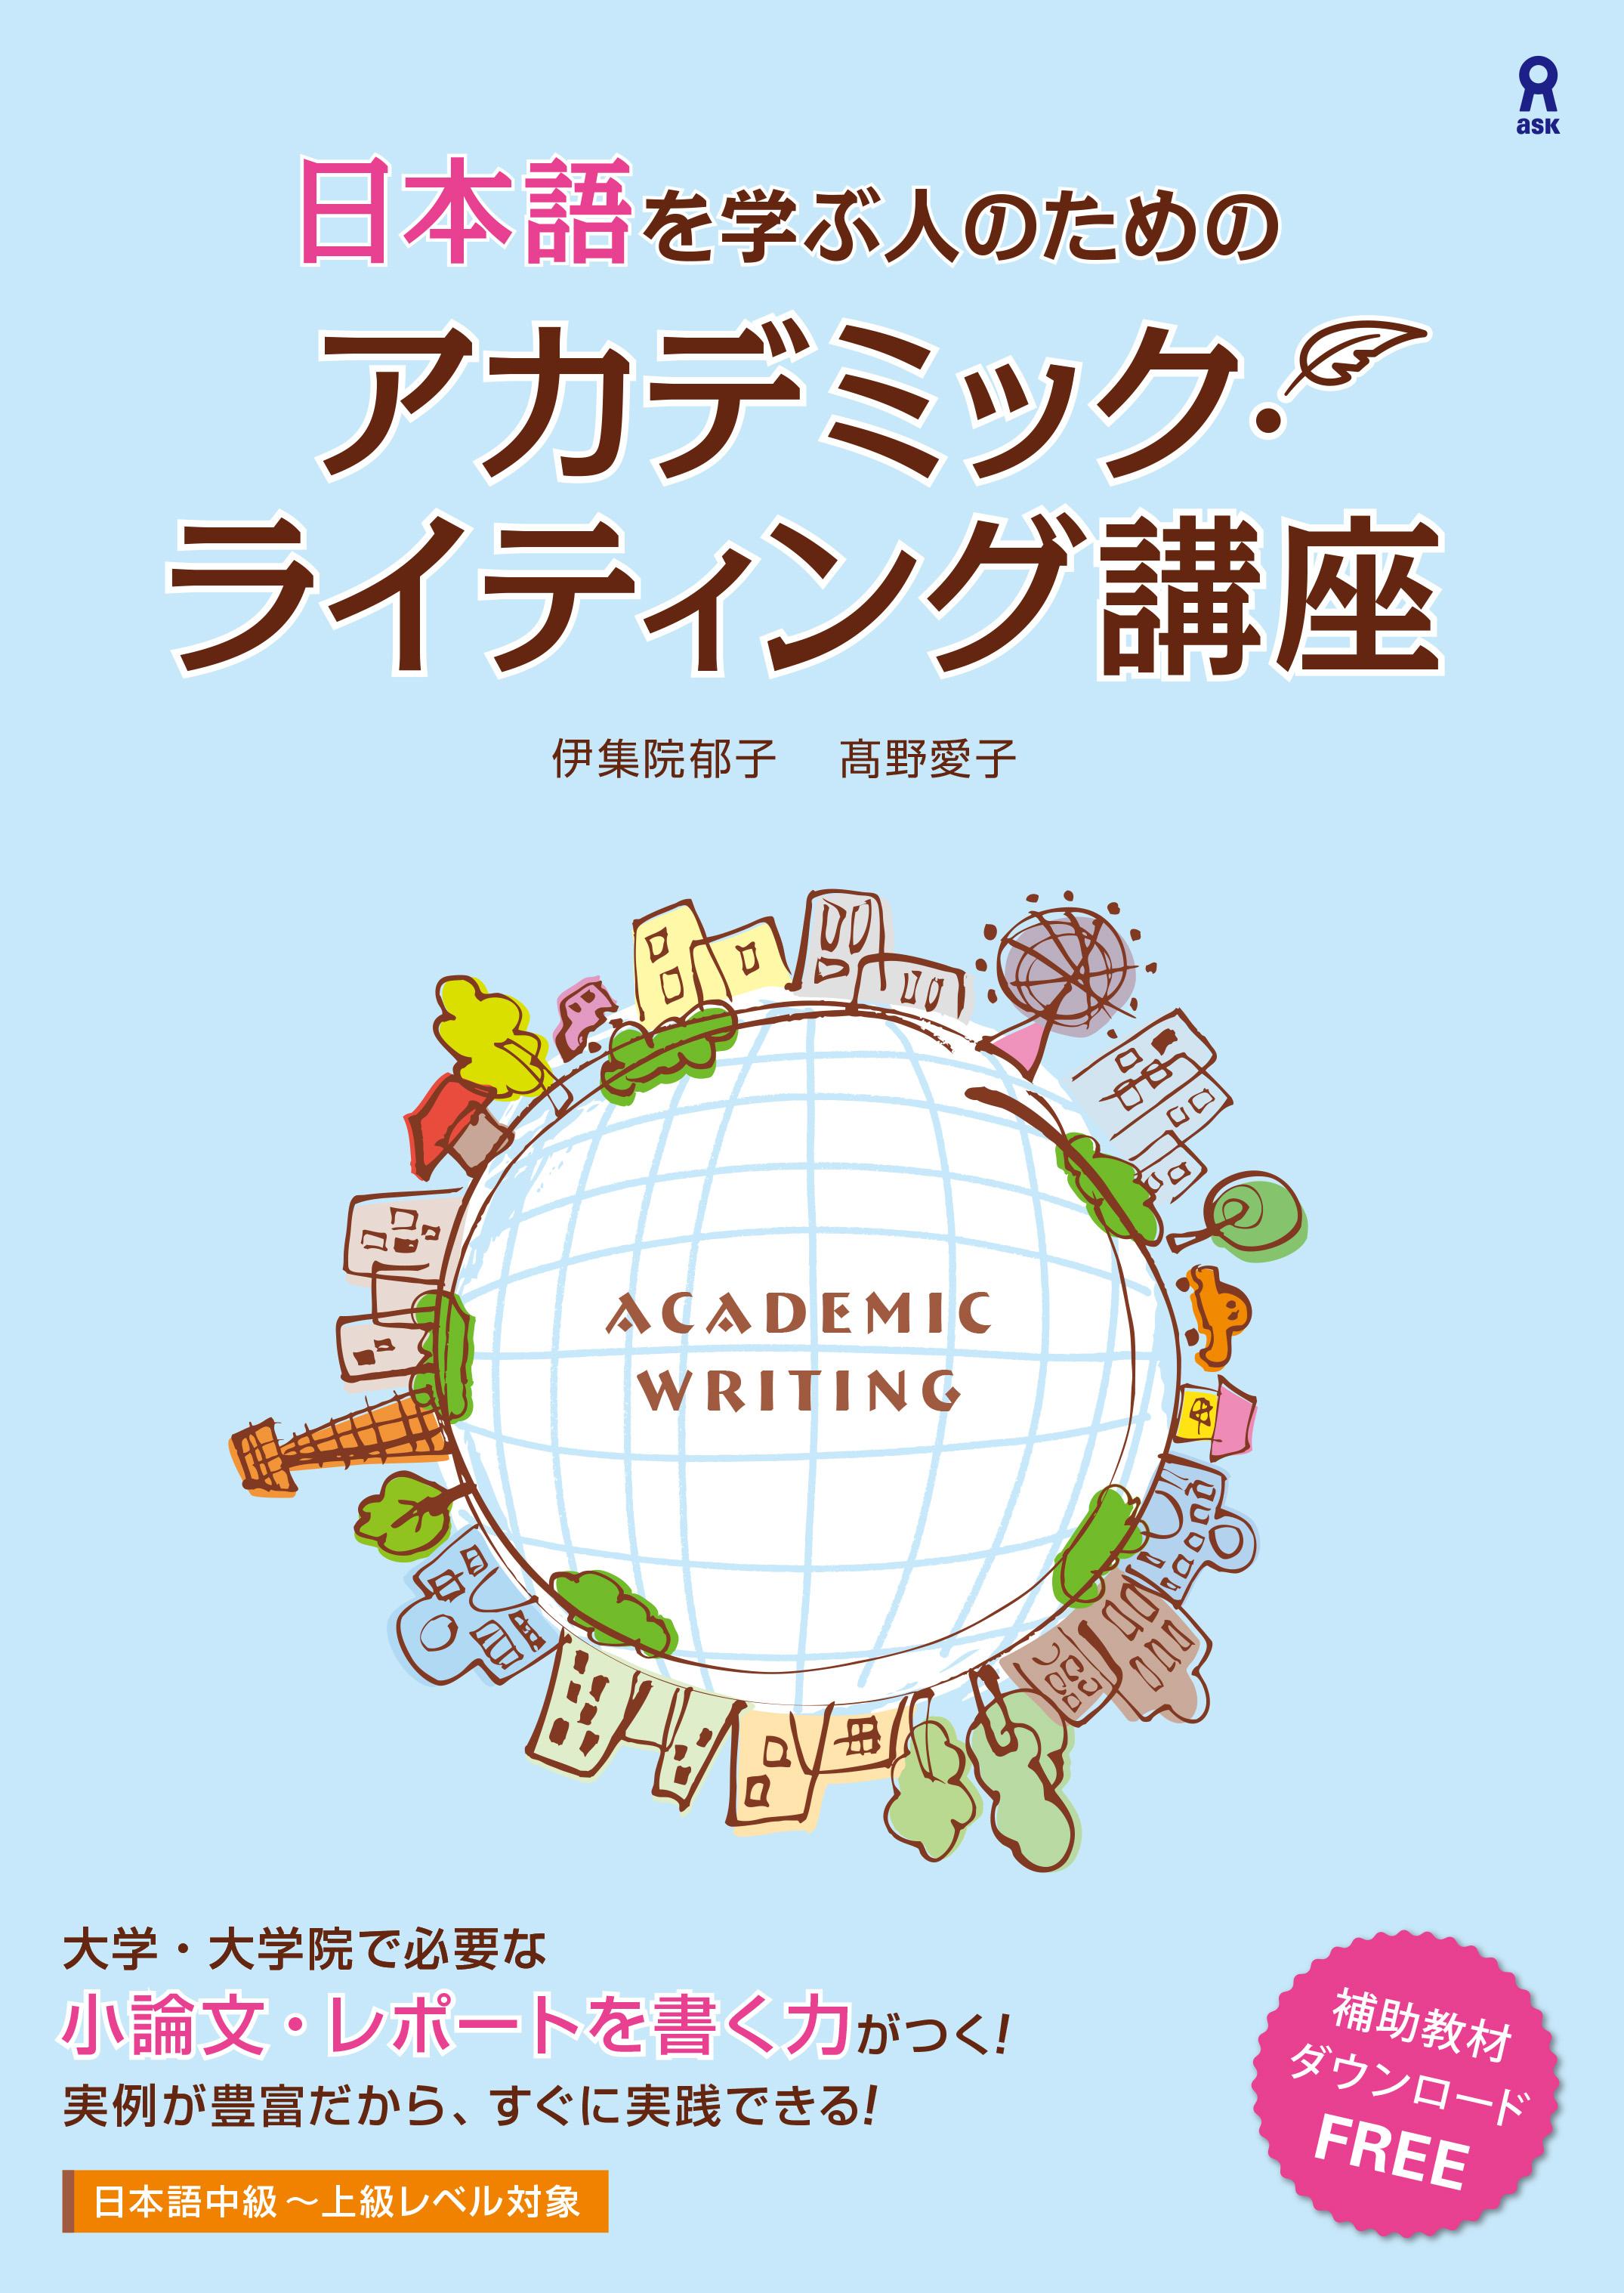 日本語を学ぶ人のためのアカデミック・ライティング講座画像